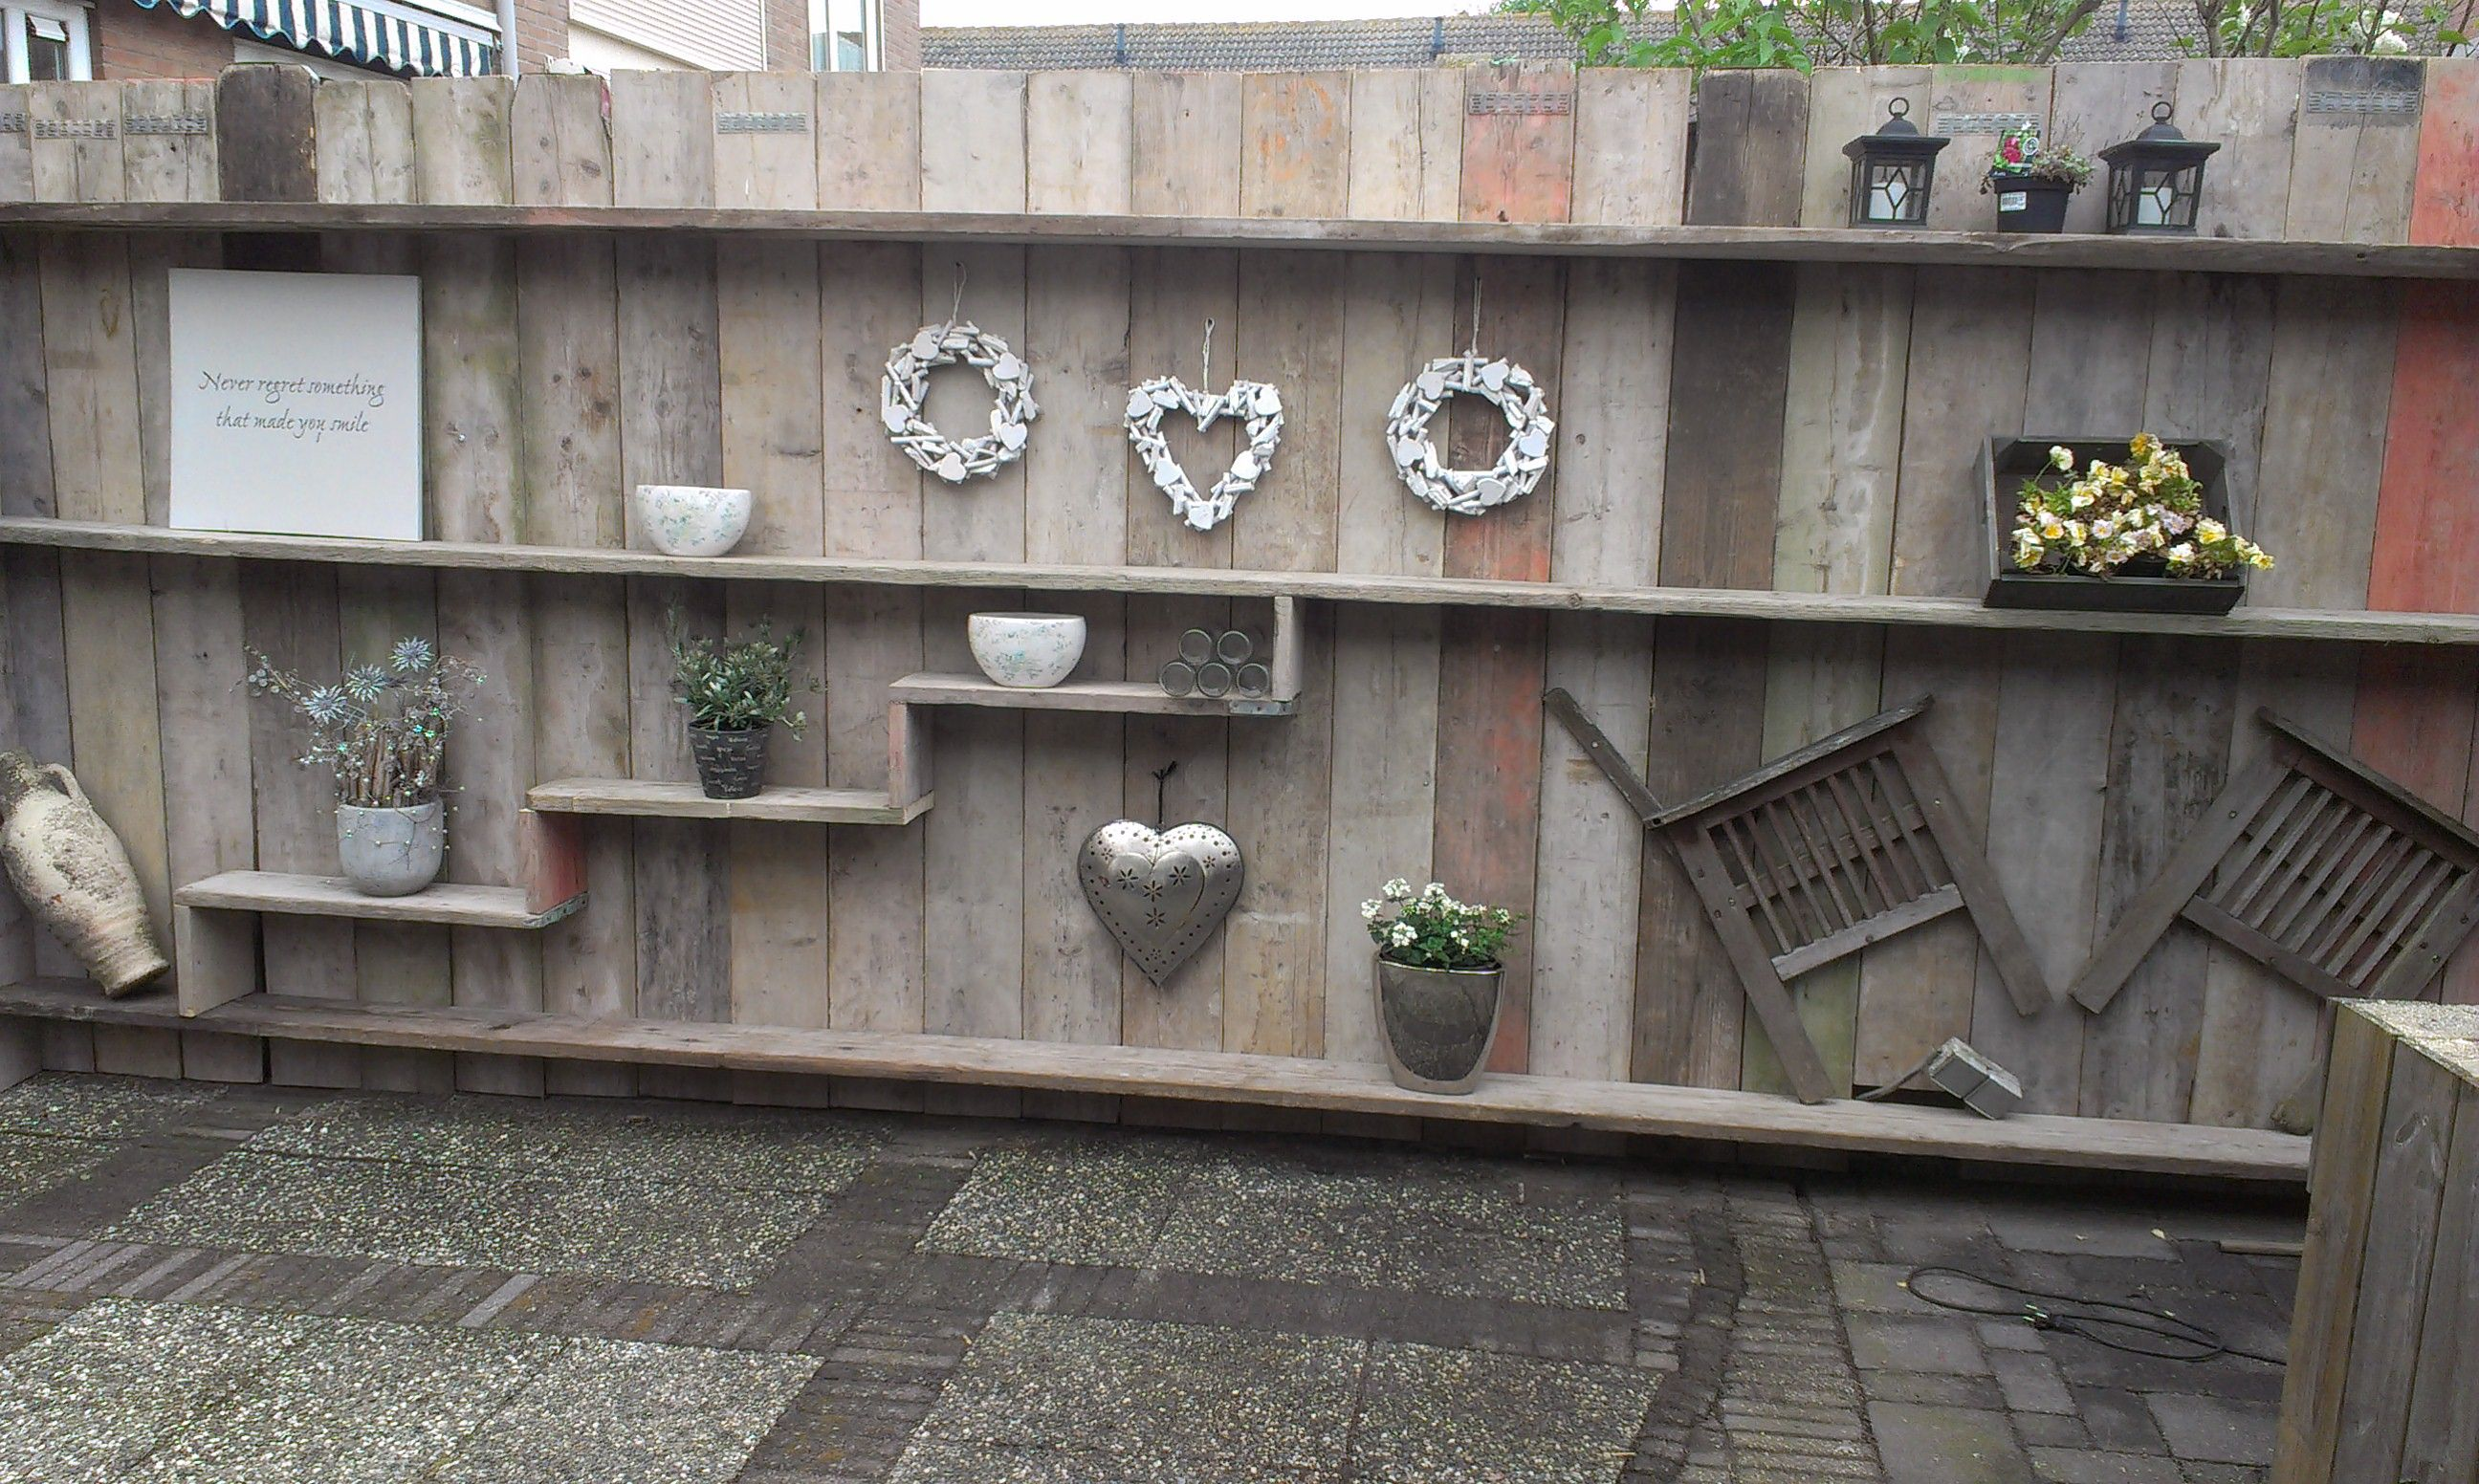 Schutting haven pinterest for Decoratie vlinders voor in de tuin